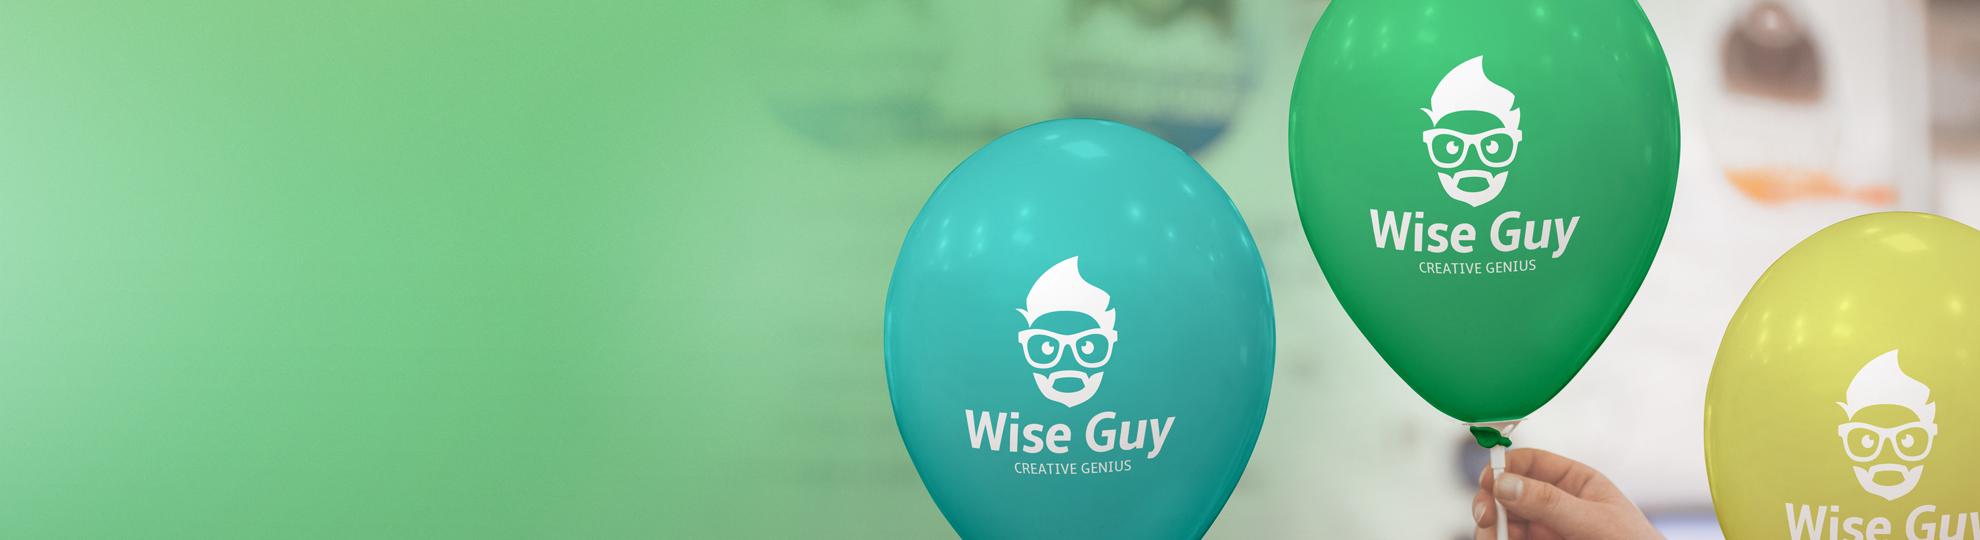 Ballons publicitaires personnalisables